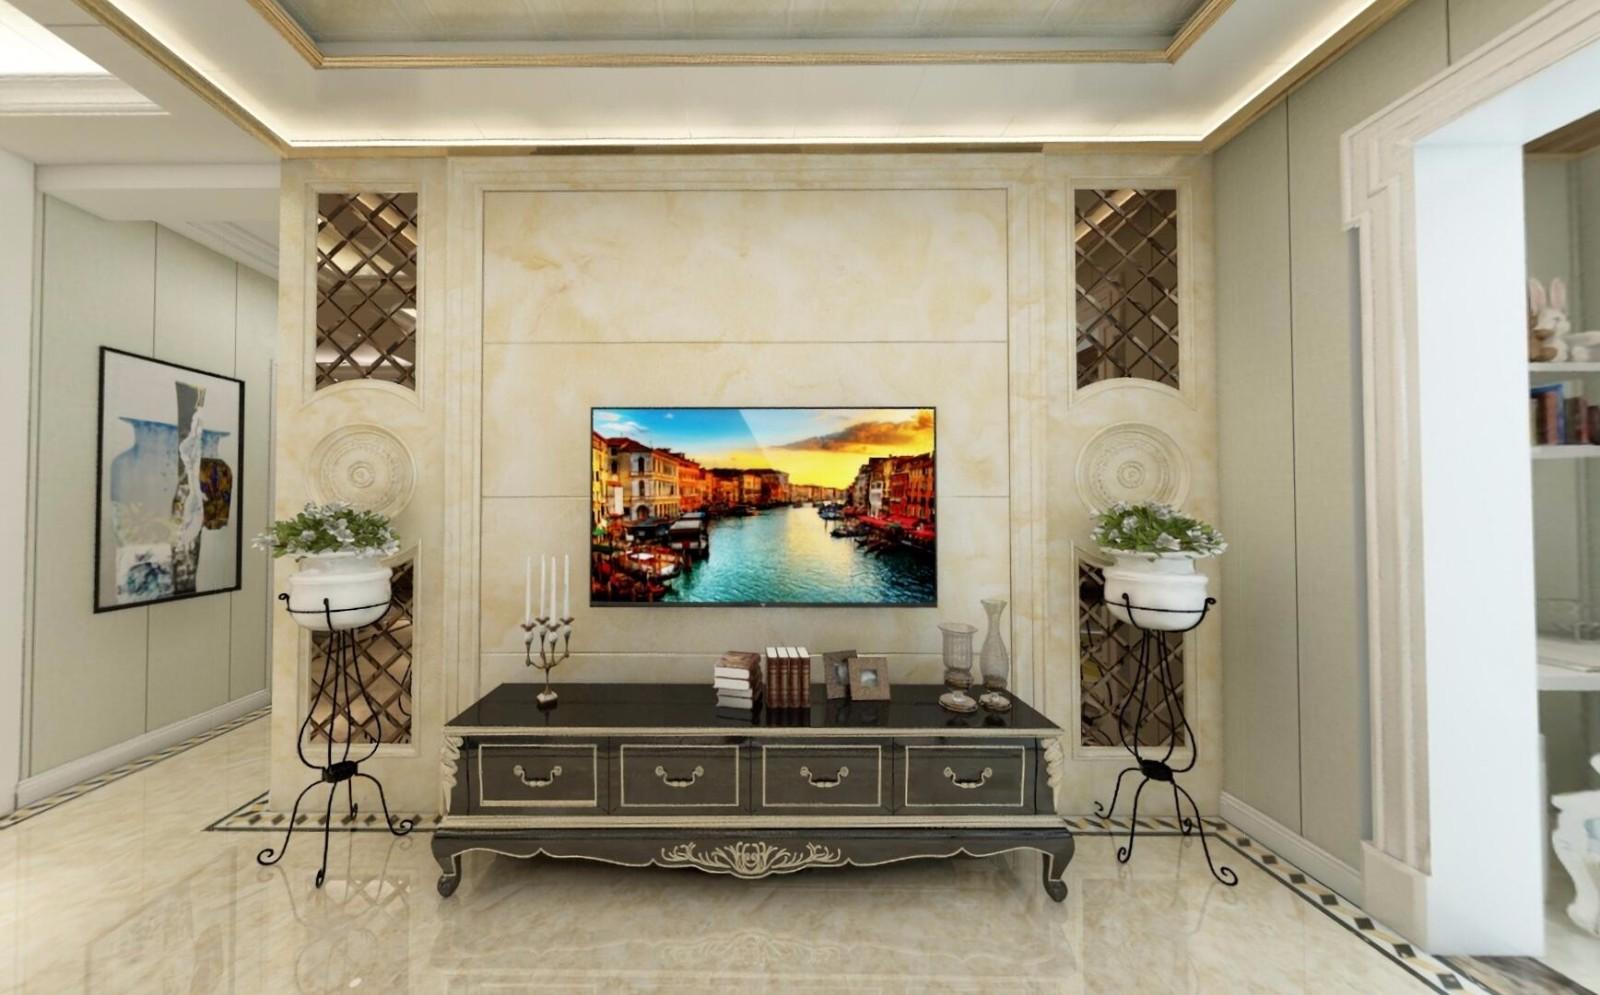 136㎡欧式风格三居电视背景墙装修效果图